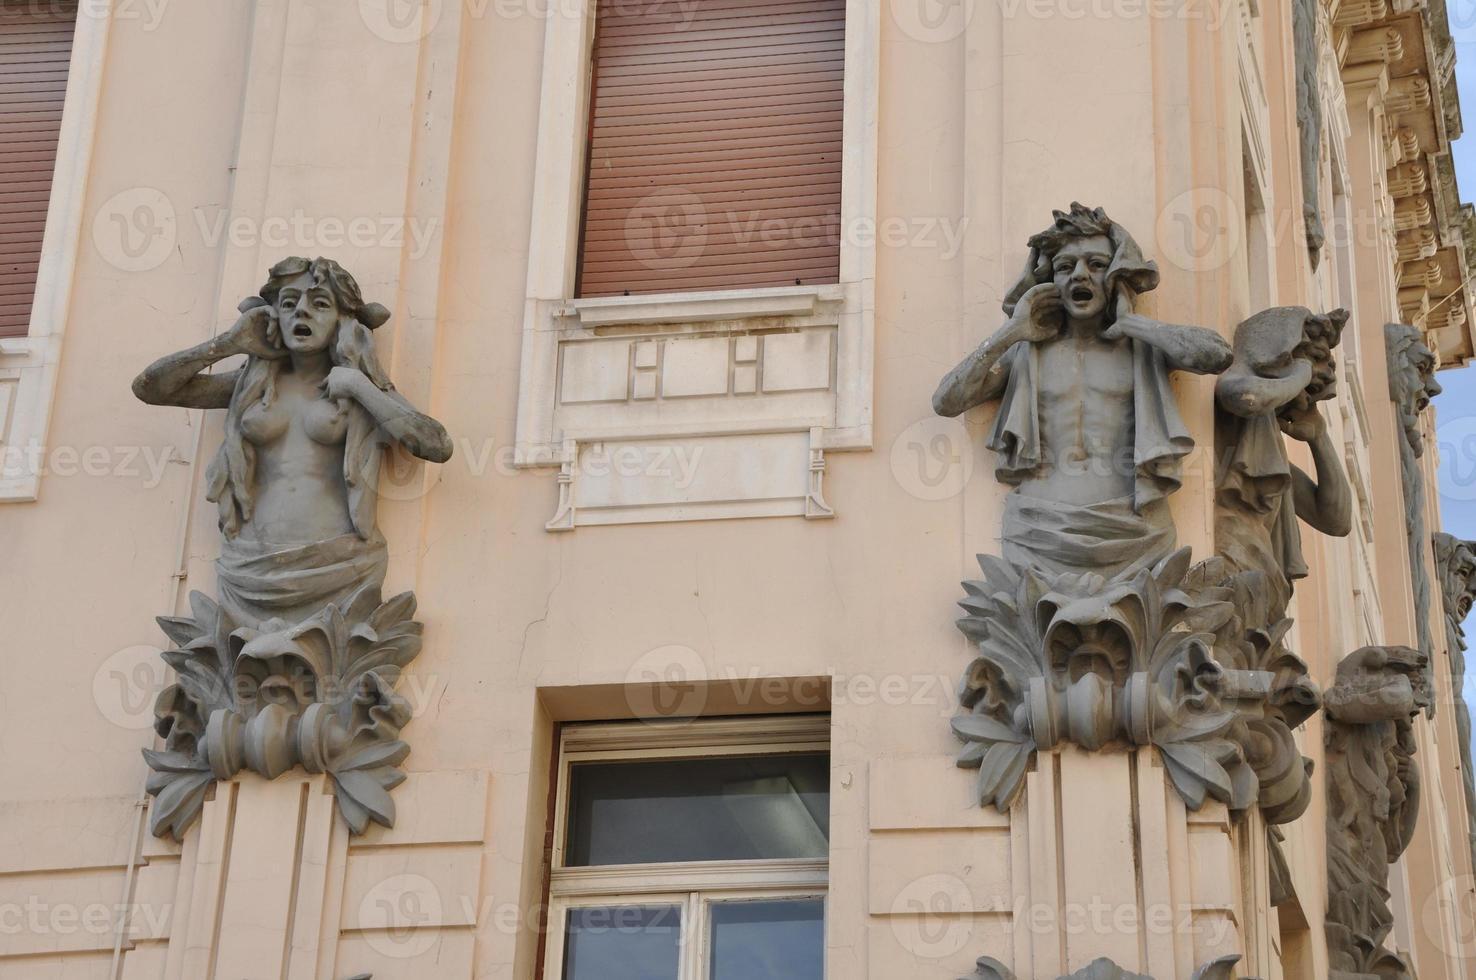 Marmont Street nella divisione con la decorazione della facciata croatia hrvatska foto